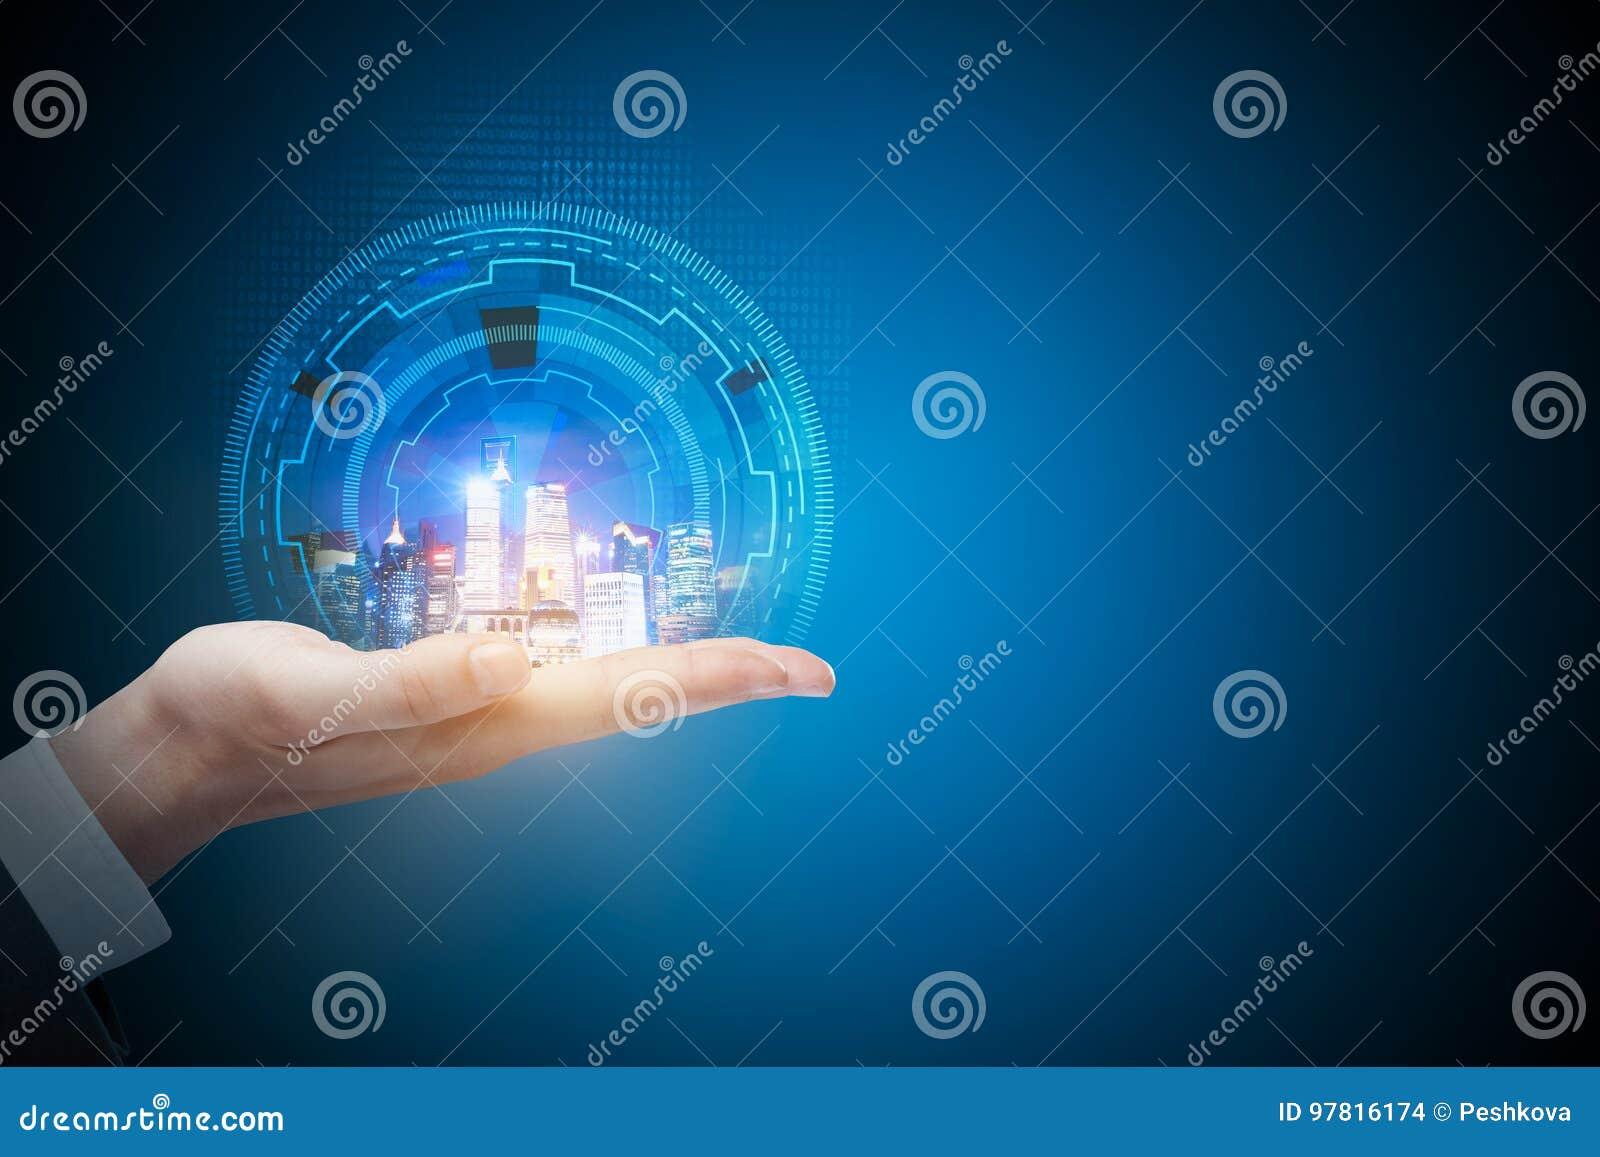 Technologie, toekomst, urbanisatie en mededeling